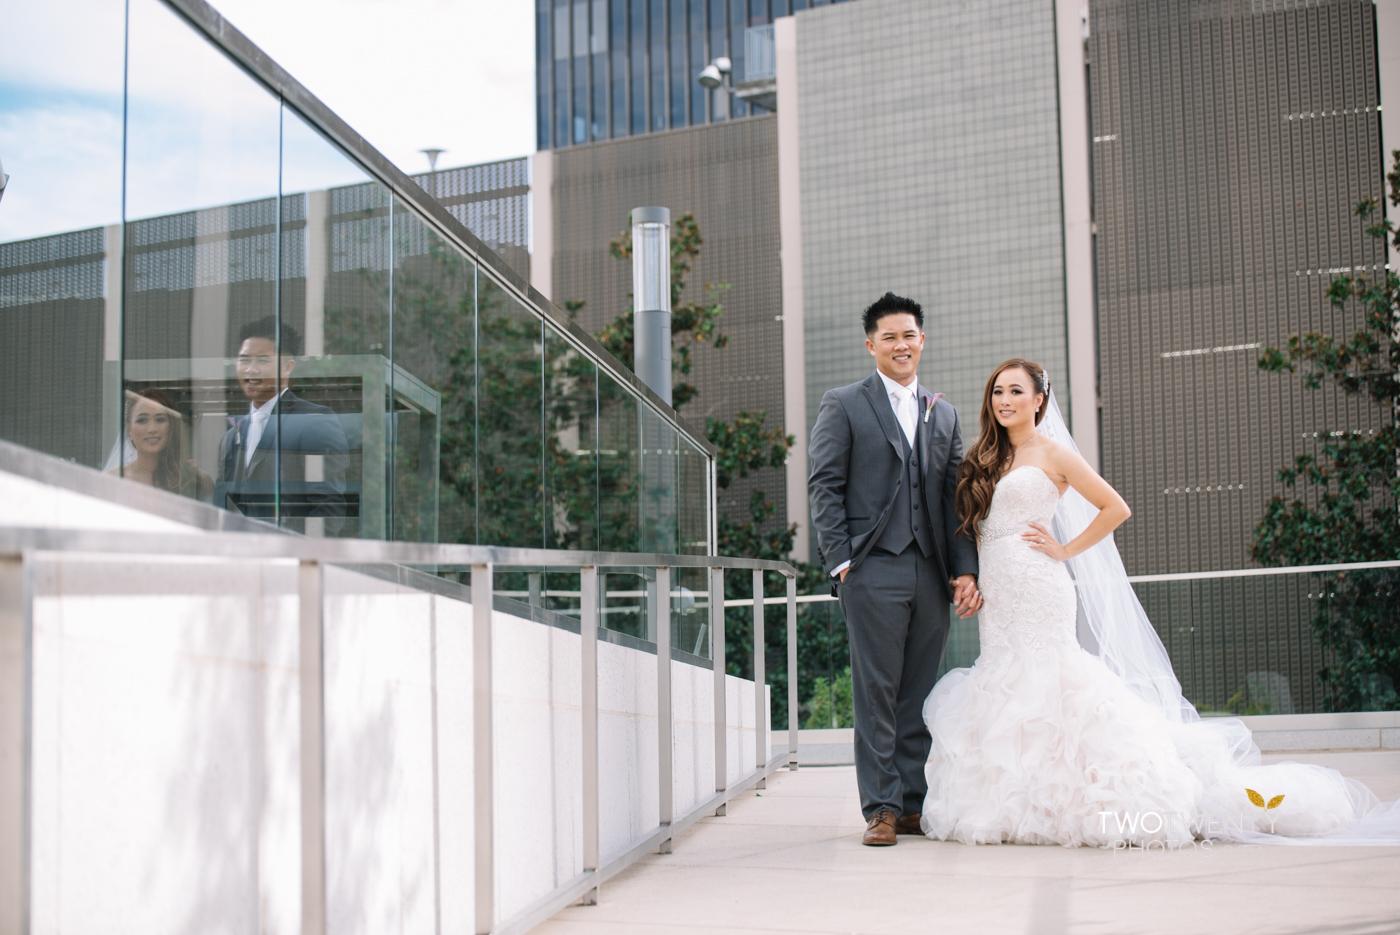 golden1-sacramento-kings-arena-wedding-photographer-29